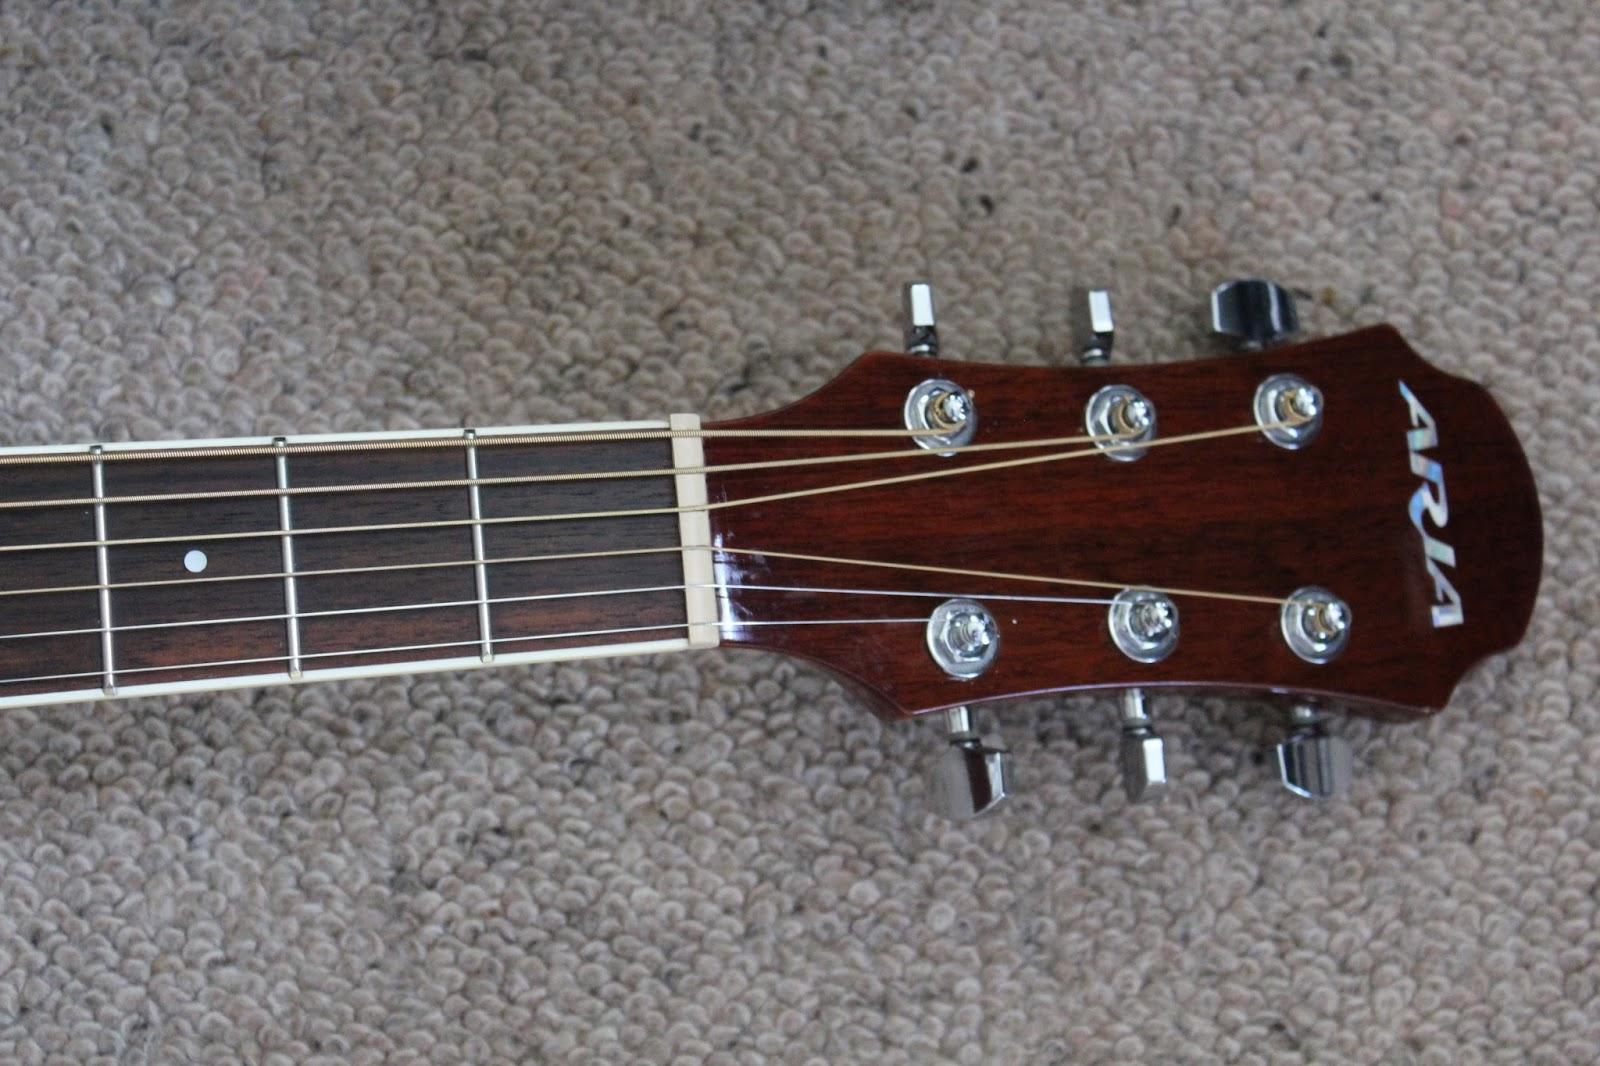 Acoustic Guitar Plucking Etc 2015